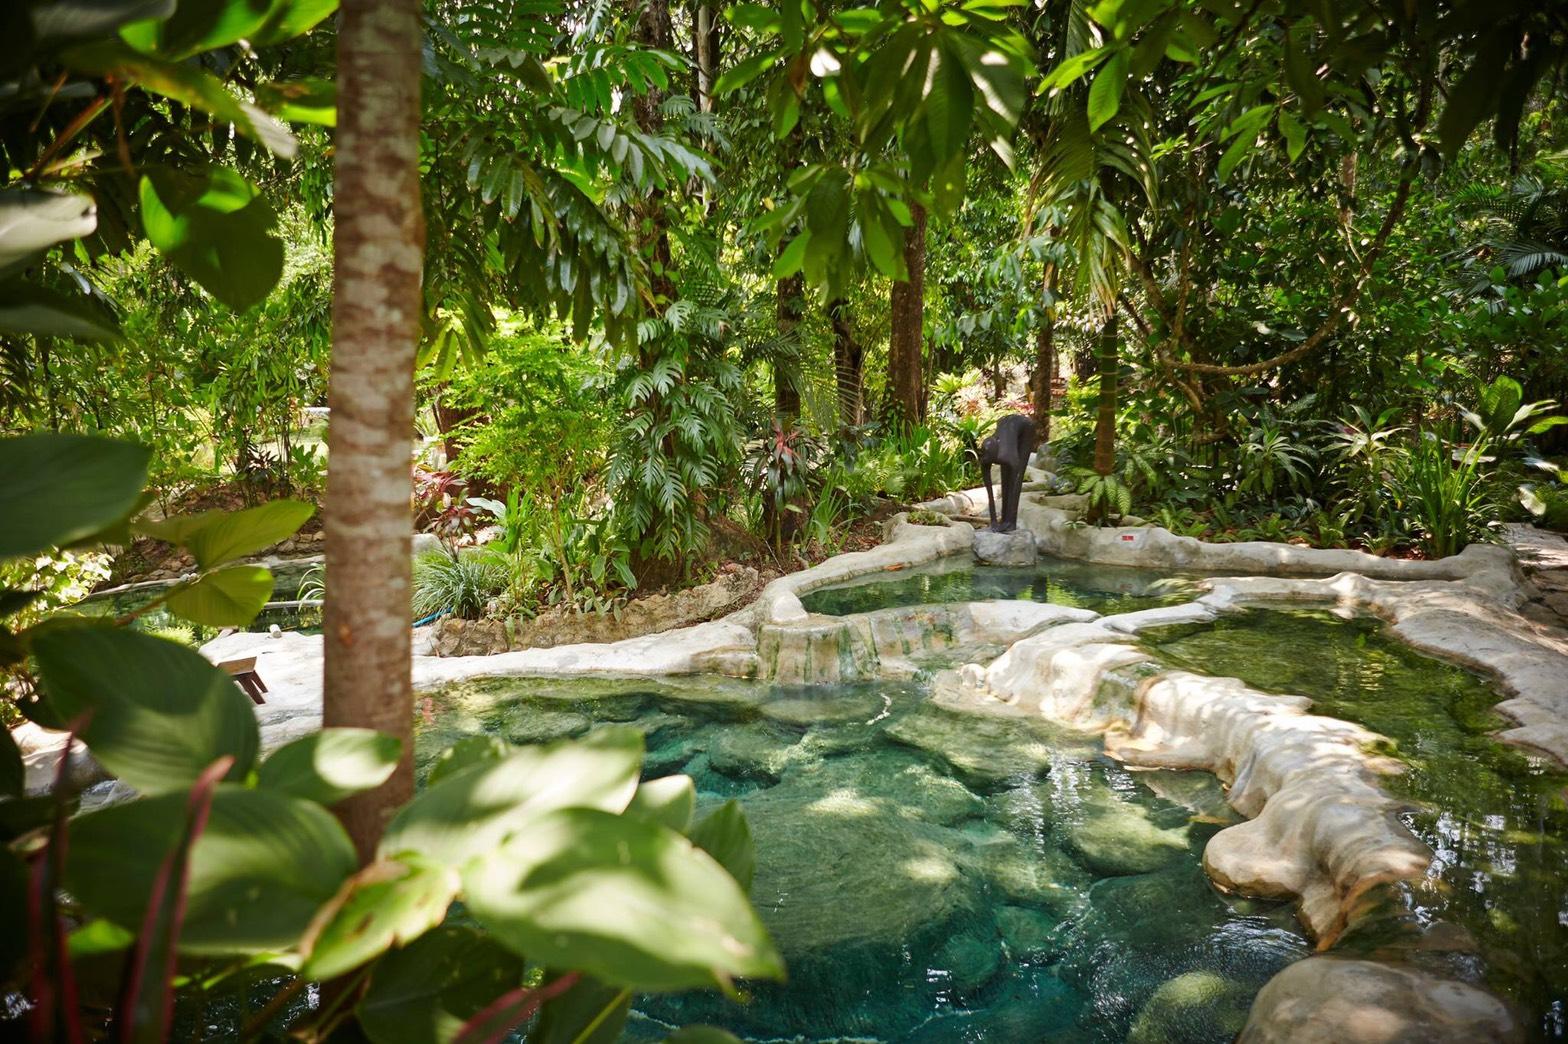 クラビの熱帯ジャングルで天然温泉♪「Wareerak Hot Spring Retreat」